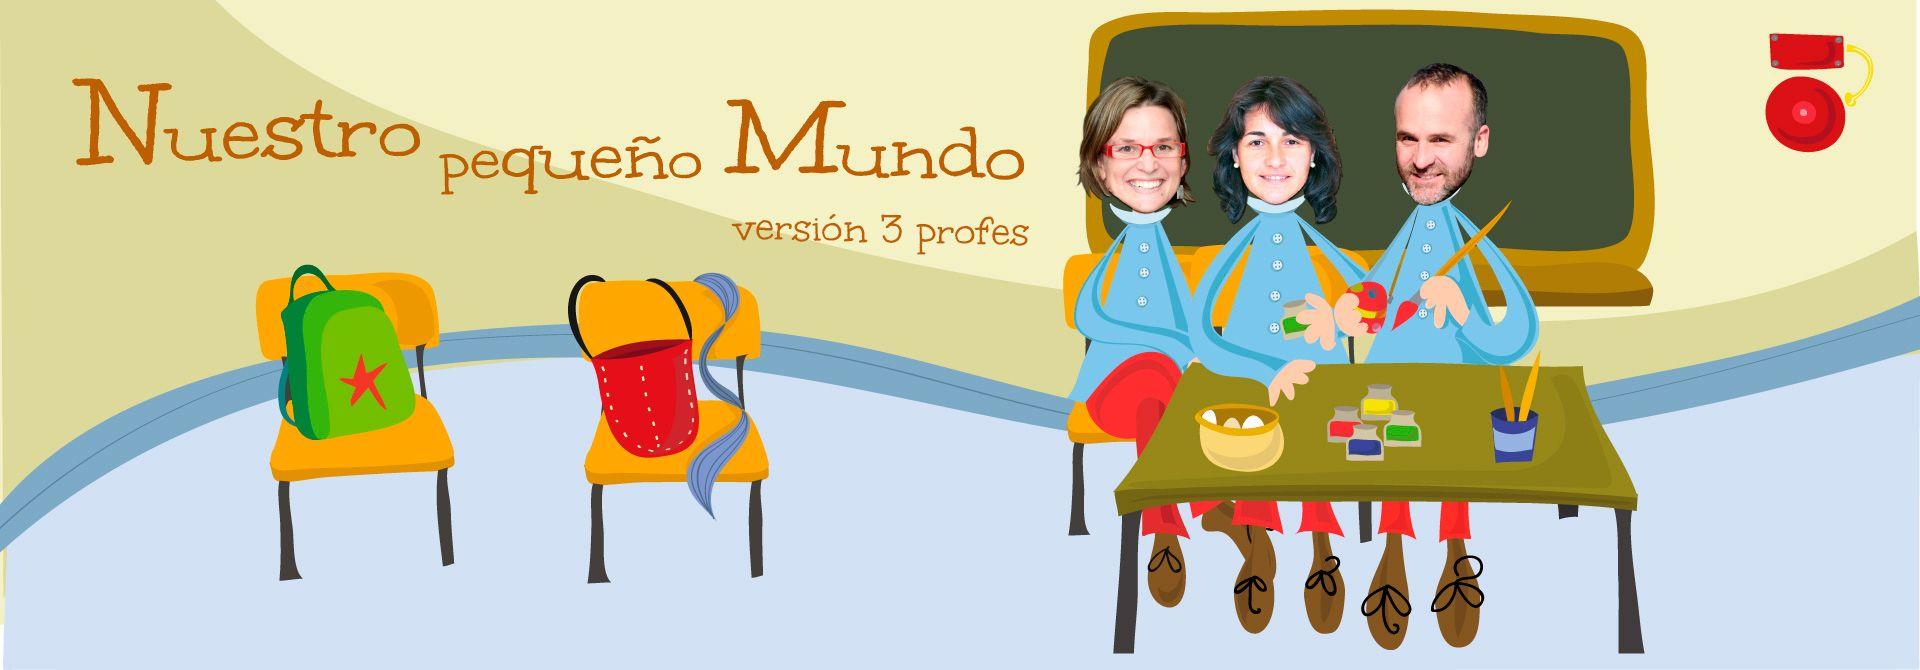 Cuentos personalizados para tres profes de infantil  - Encabezado del producto